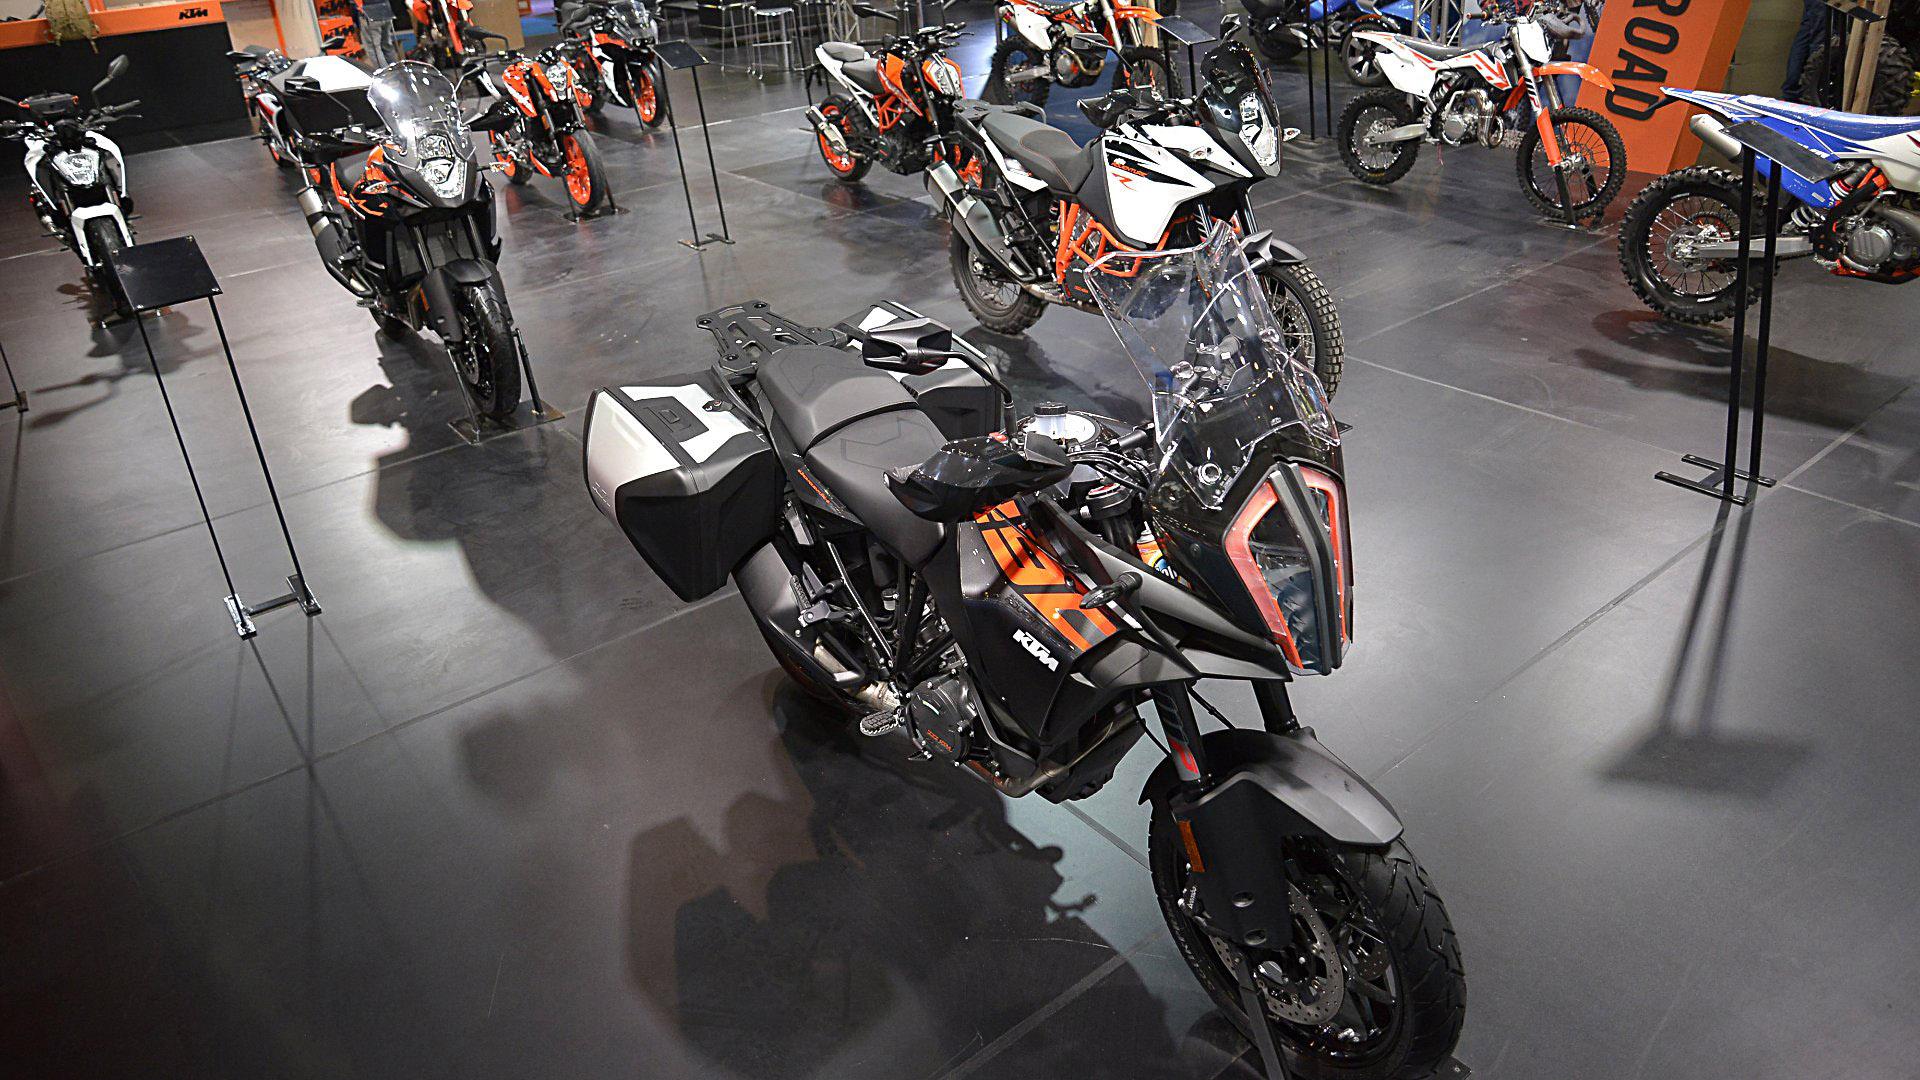 El evento será un encuentro único en el país: por primera vez se realiza un salón internacional de motocicletas con la presencia de importantes firmas de trascendencia mundial, importadoras y fabricantes de productos nacionales